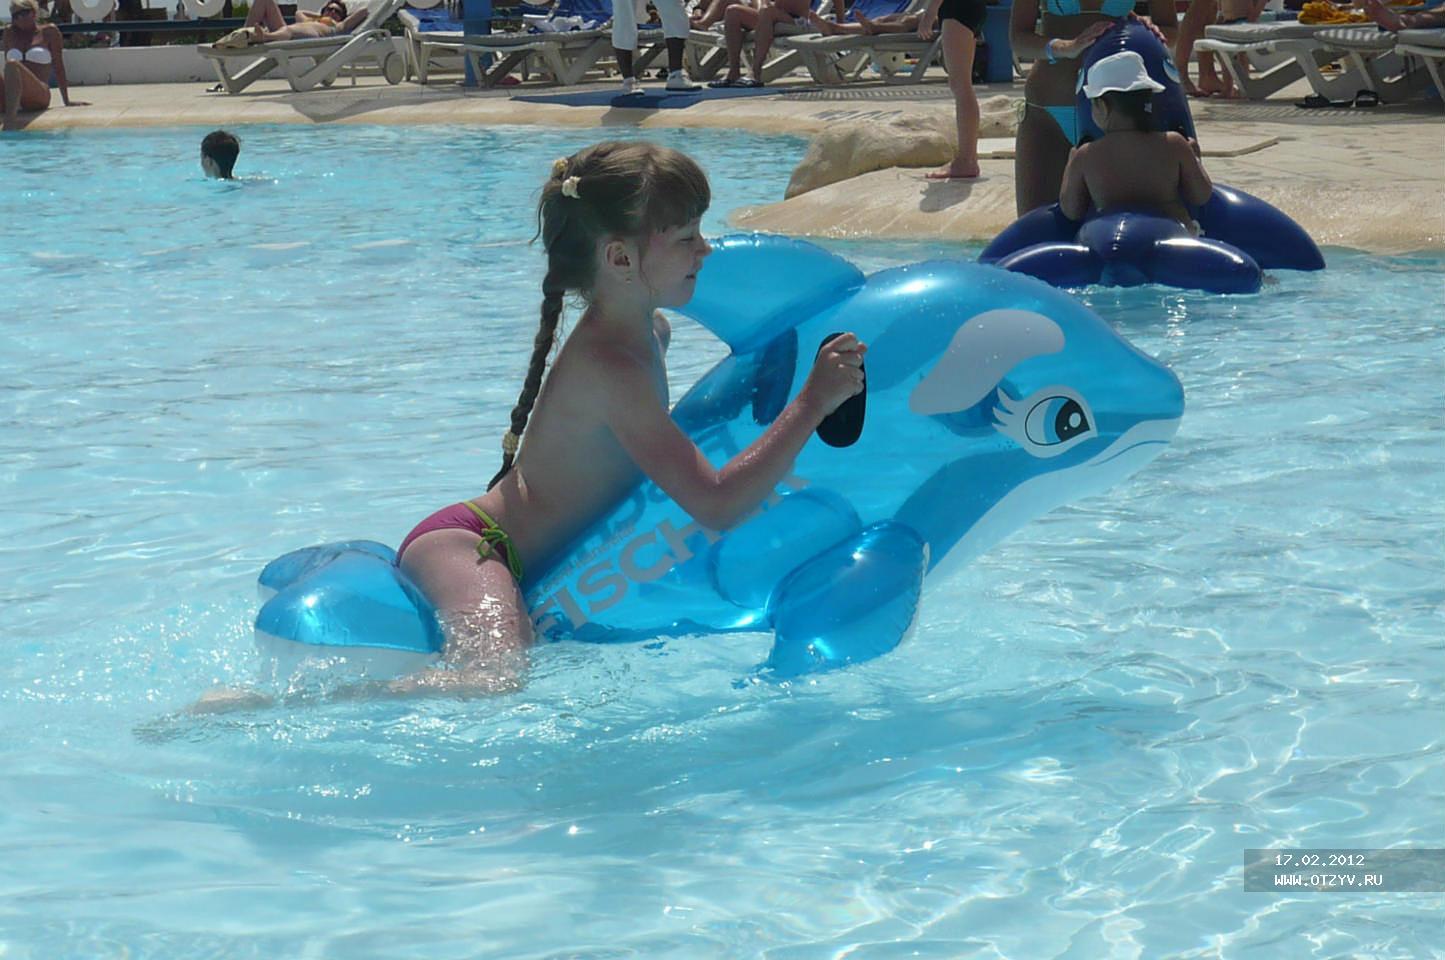 У баб в бассейне фото 12 фотография